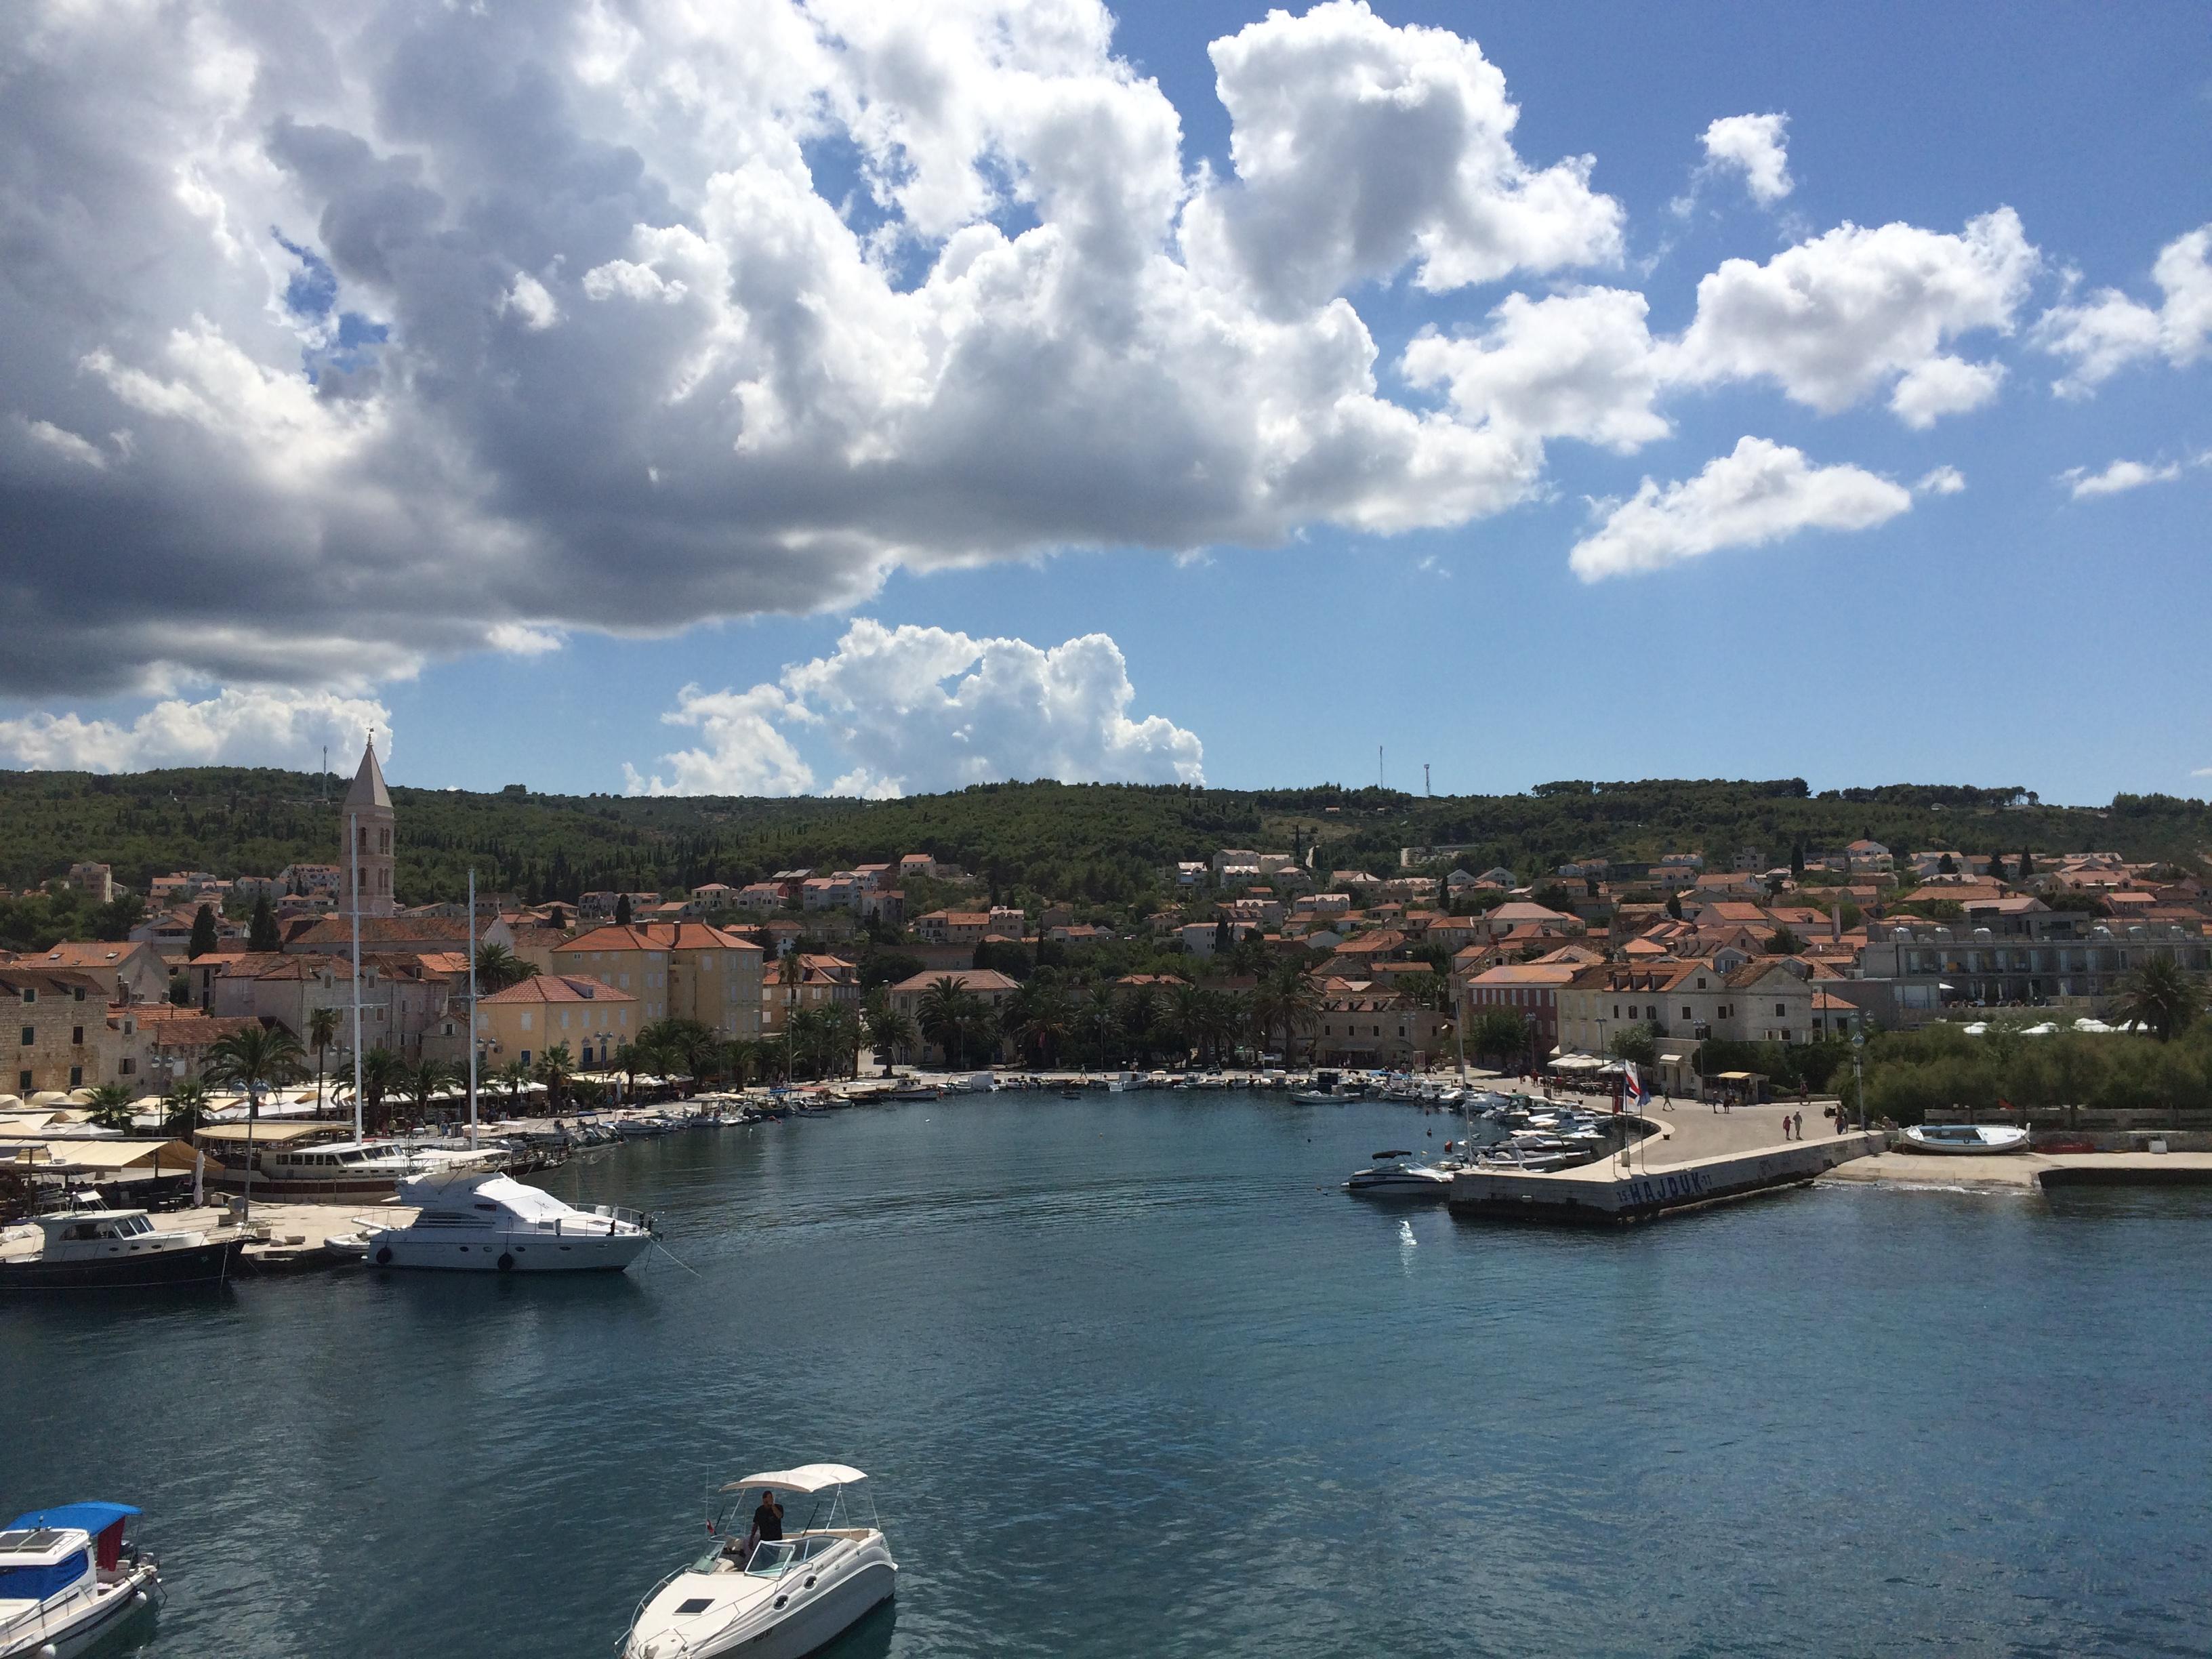 Croatia Brac island boats